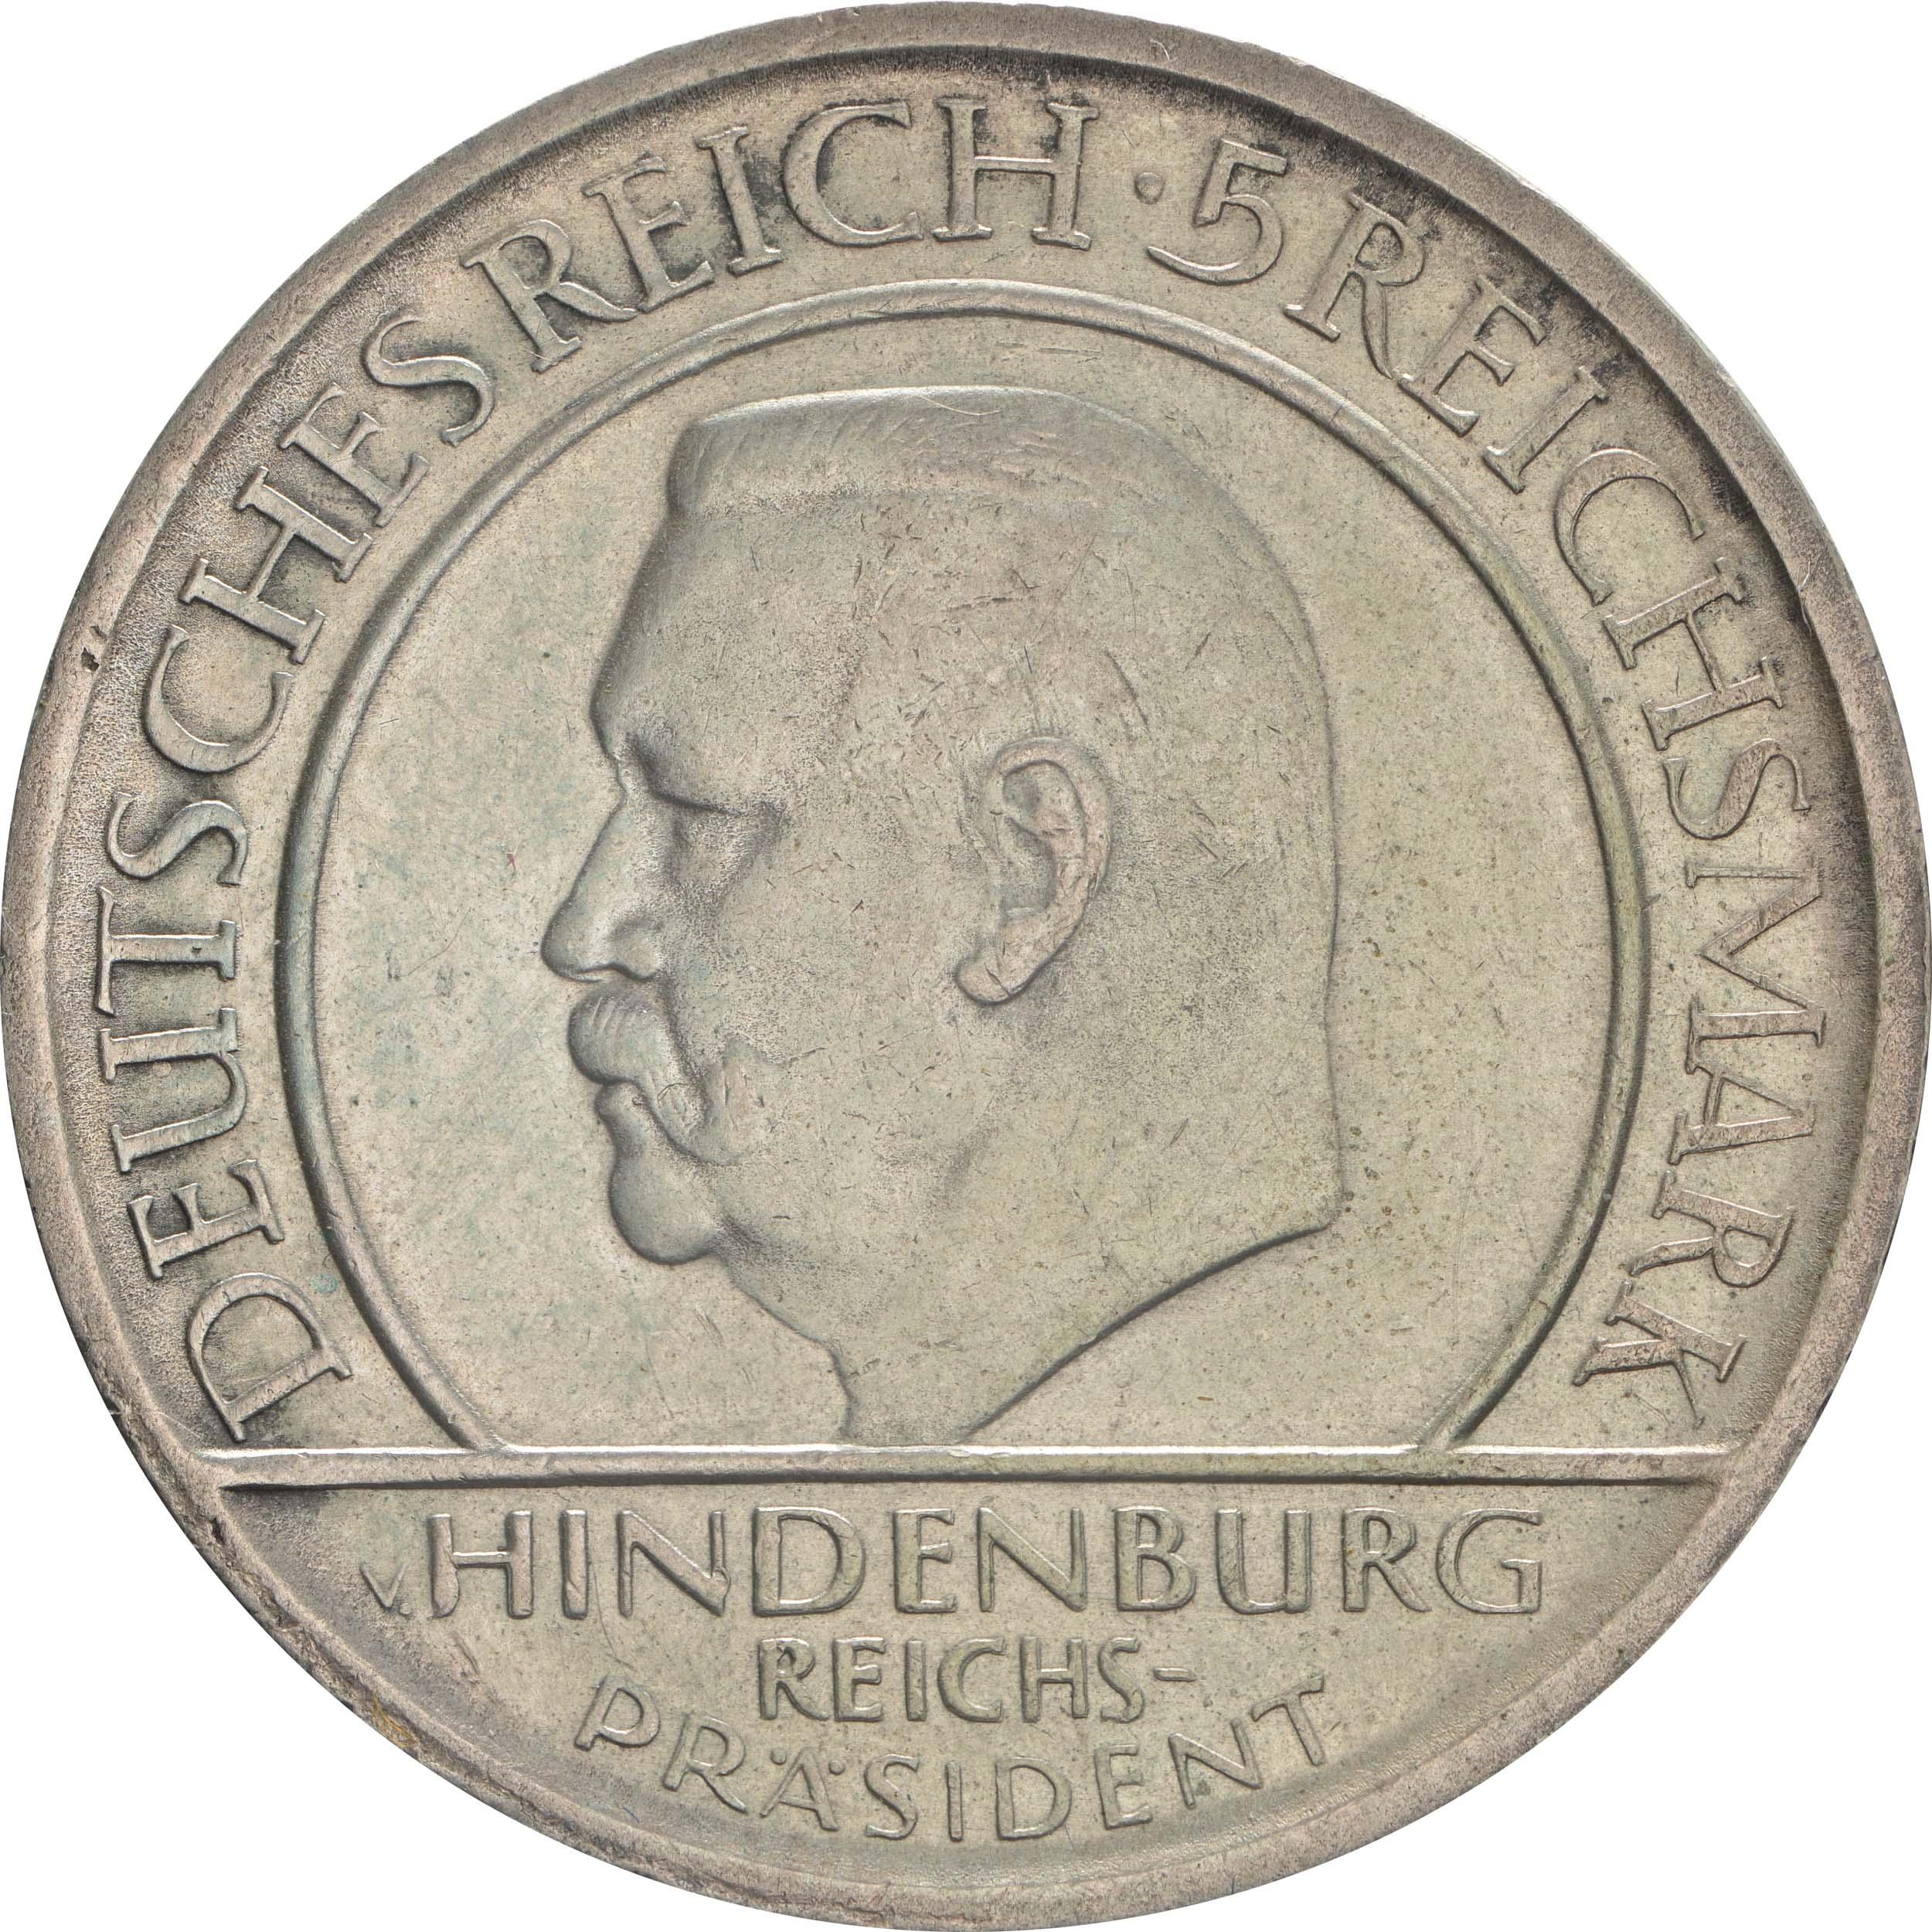 deutschland 5 reichsmark verfassung 1929 a silber vz 136 euro. Black Bedroom Furniture Sets. Home Design Ideas